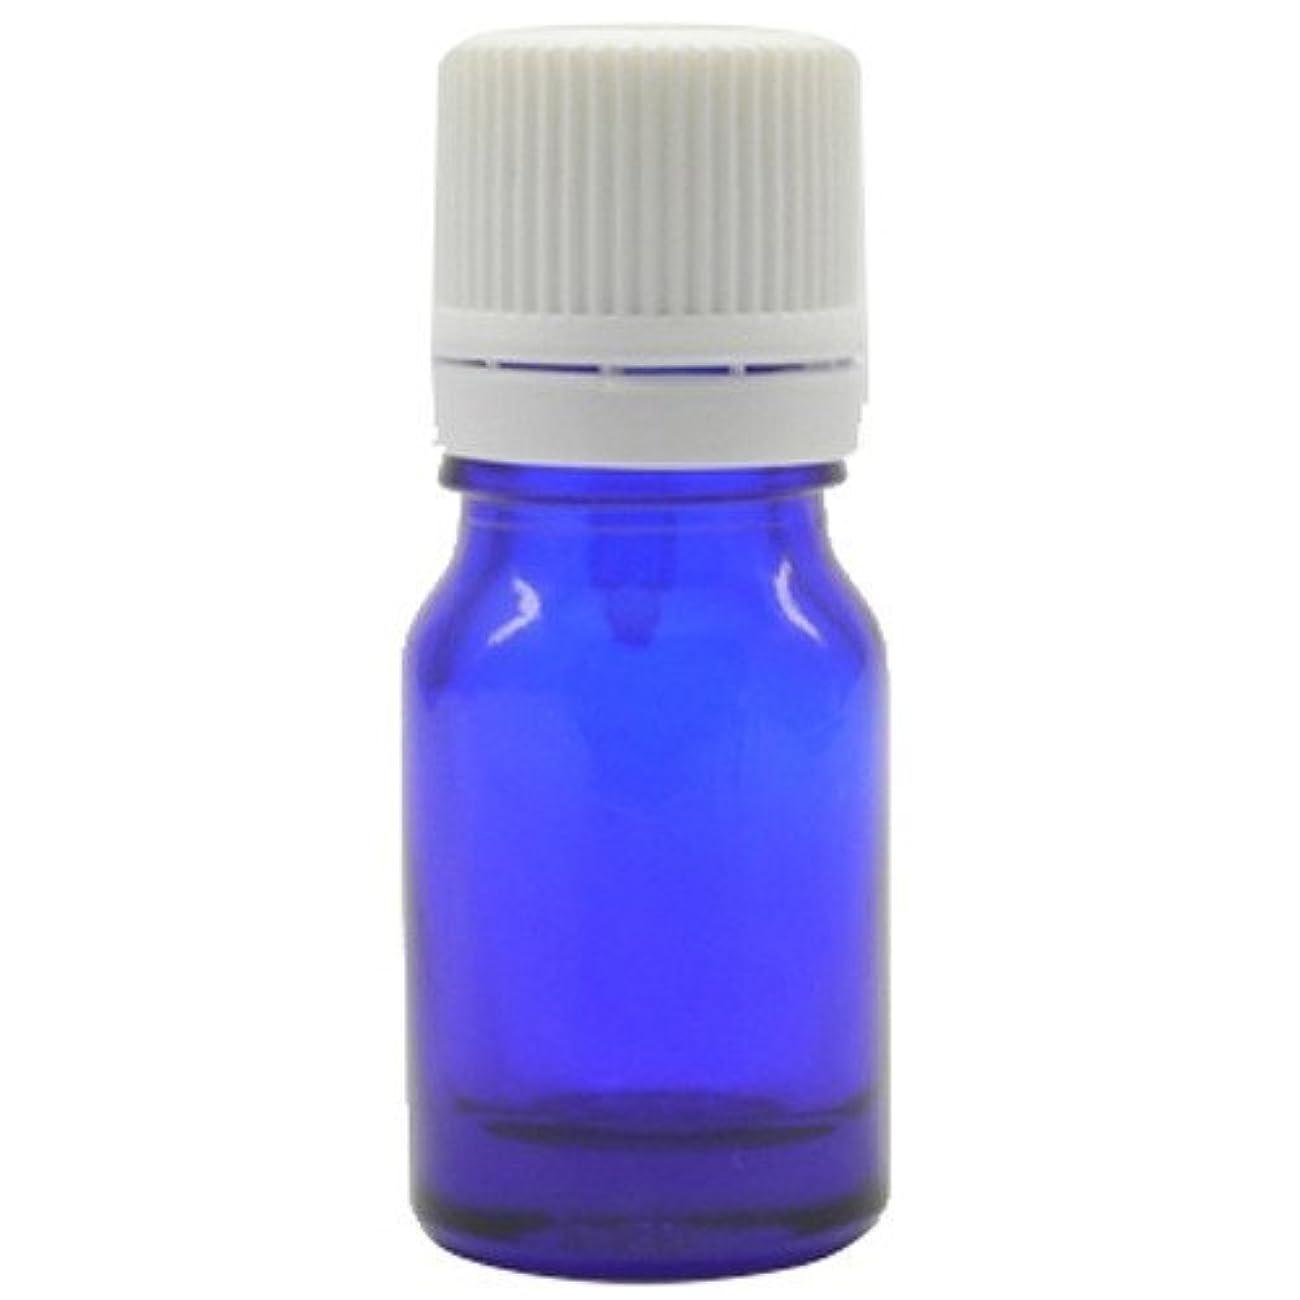 賠償部分的ながらアロマアンドライフ (K)ブルー瓶5mlドロップ栓白キャップ 3本セット